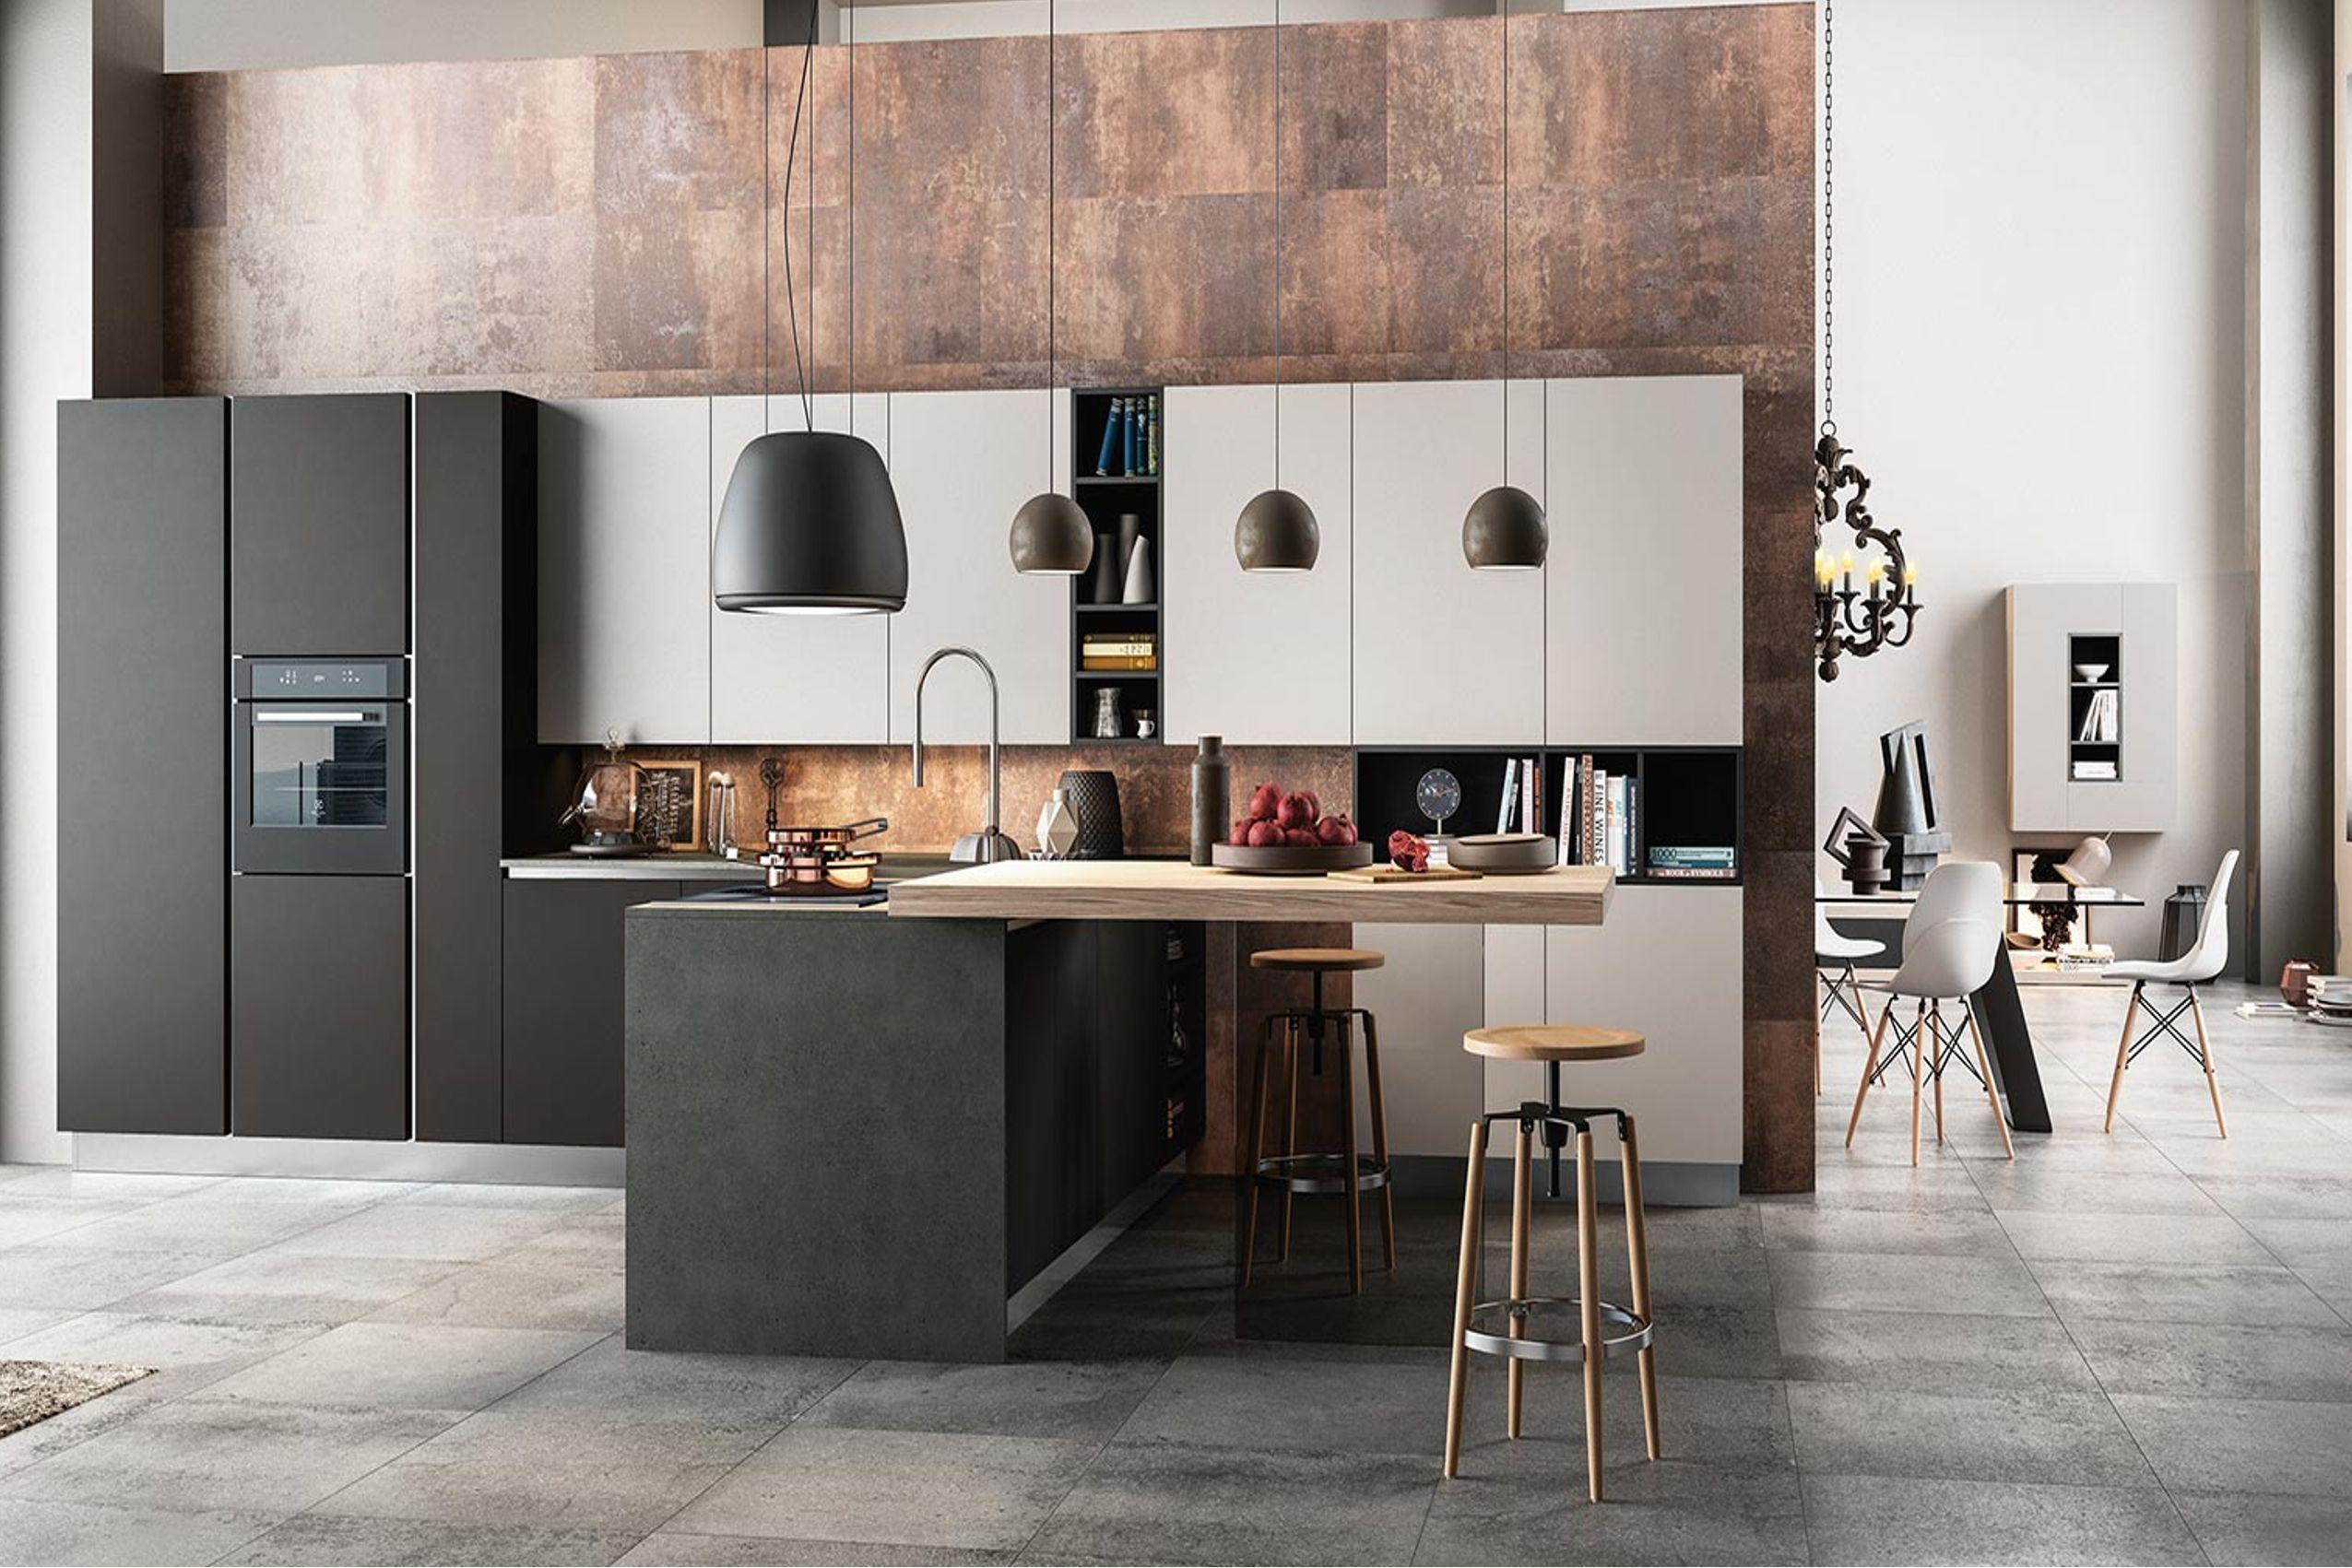 Cucine a parete con penisola moderne for Cucine moderne con penisola